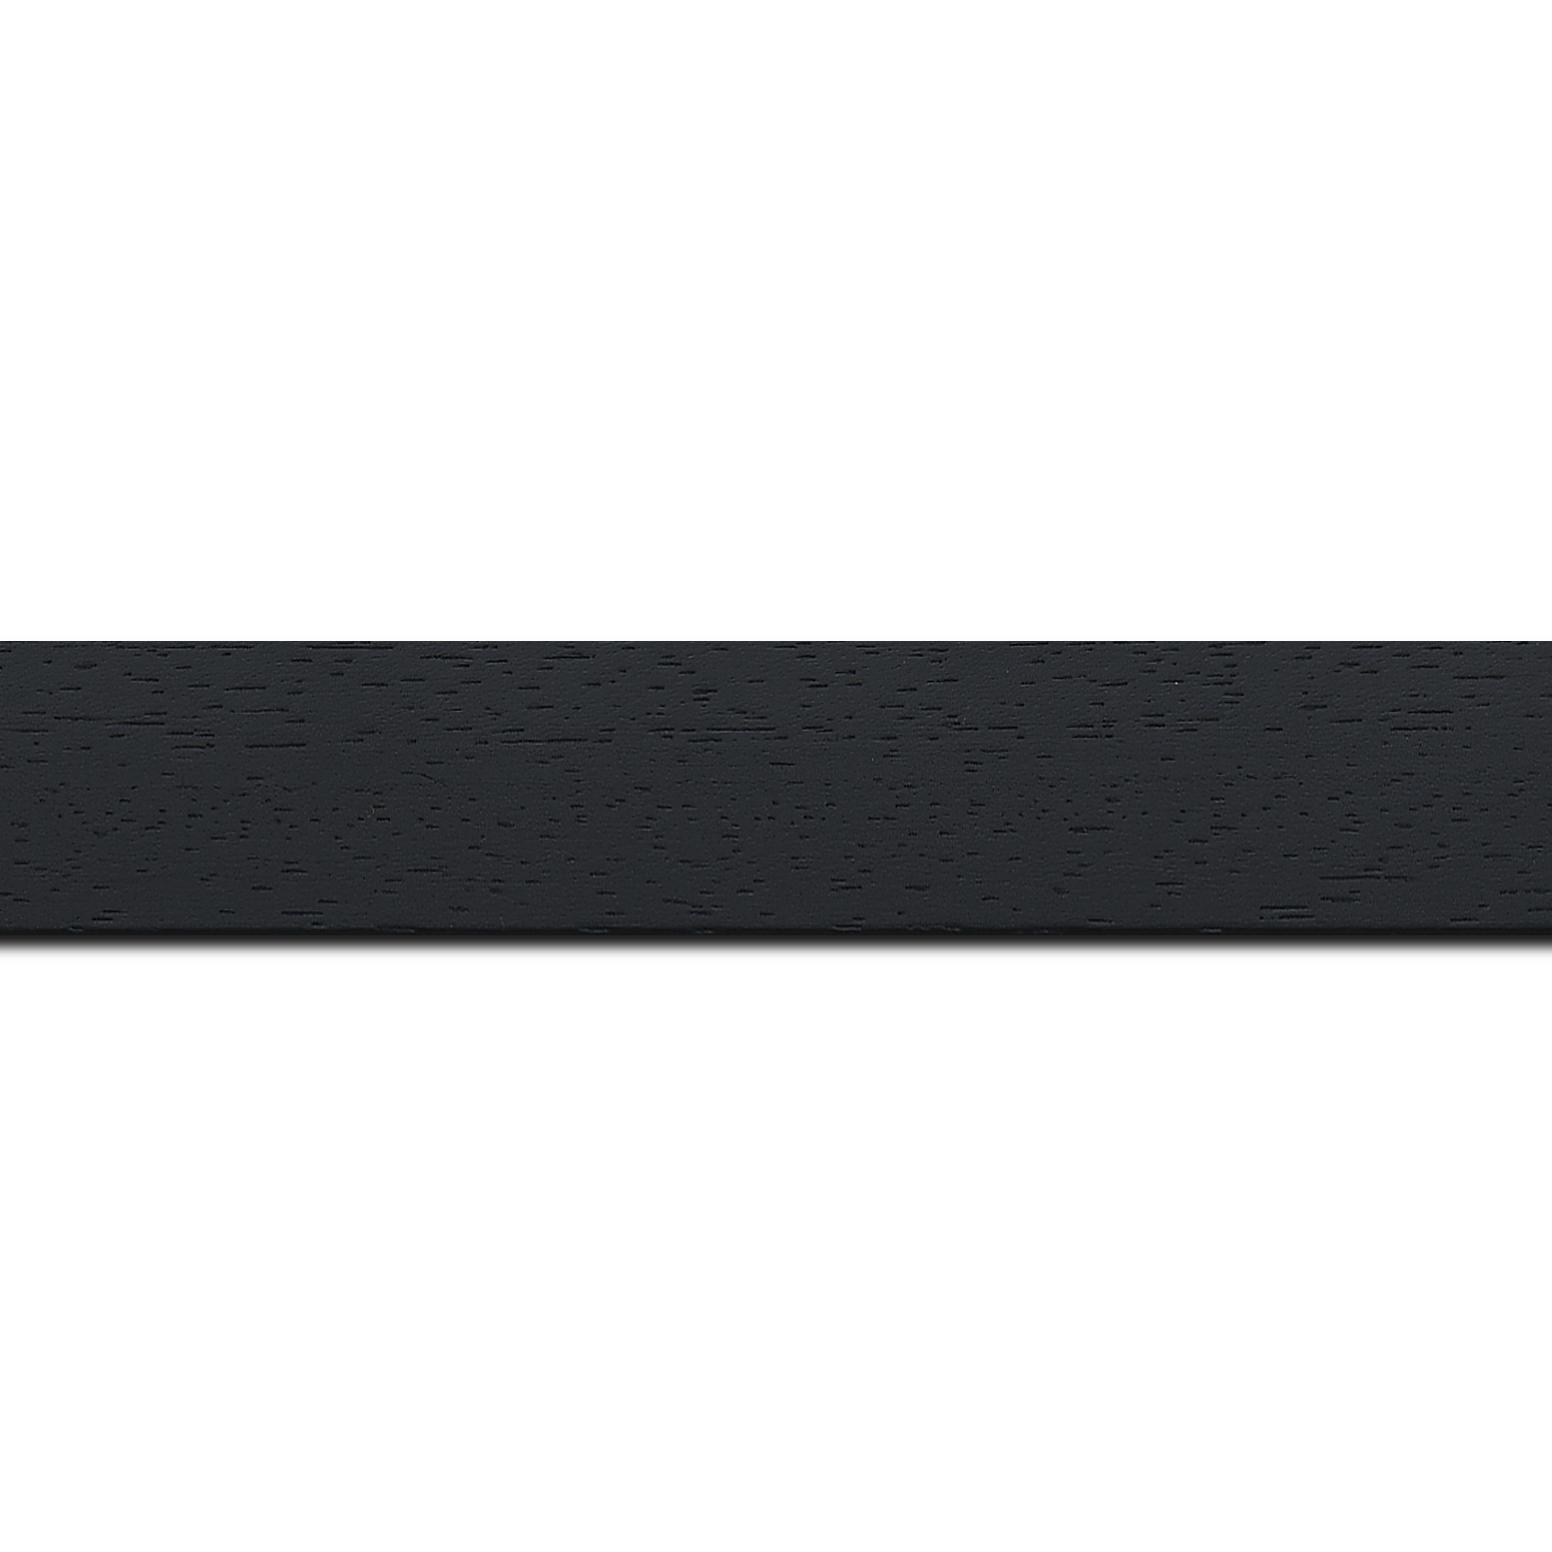 Pack par 12m, bois profil plat largeur 3cm couleur noir satiné (longueur baguette pouvant varier entre 2.40m et 3m selon arrivage des bois)